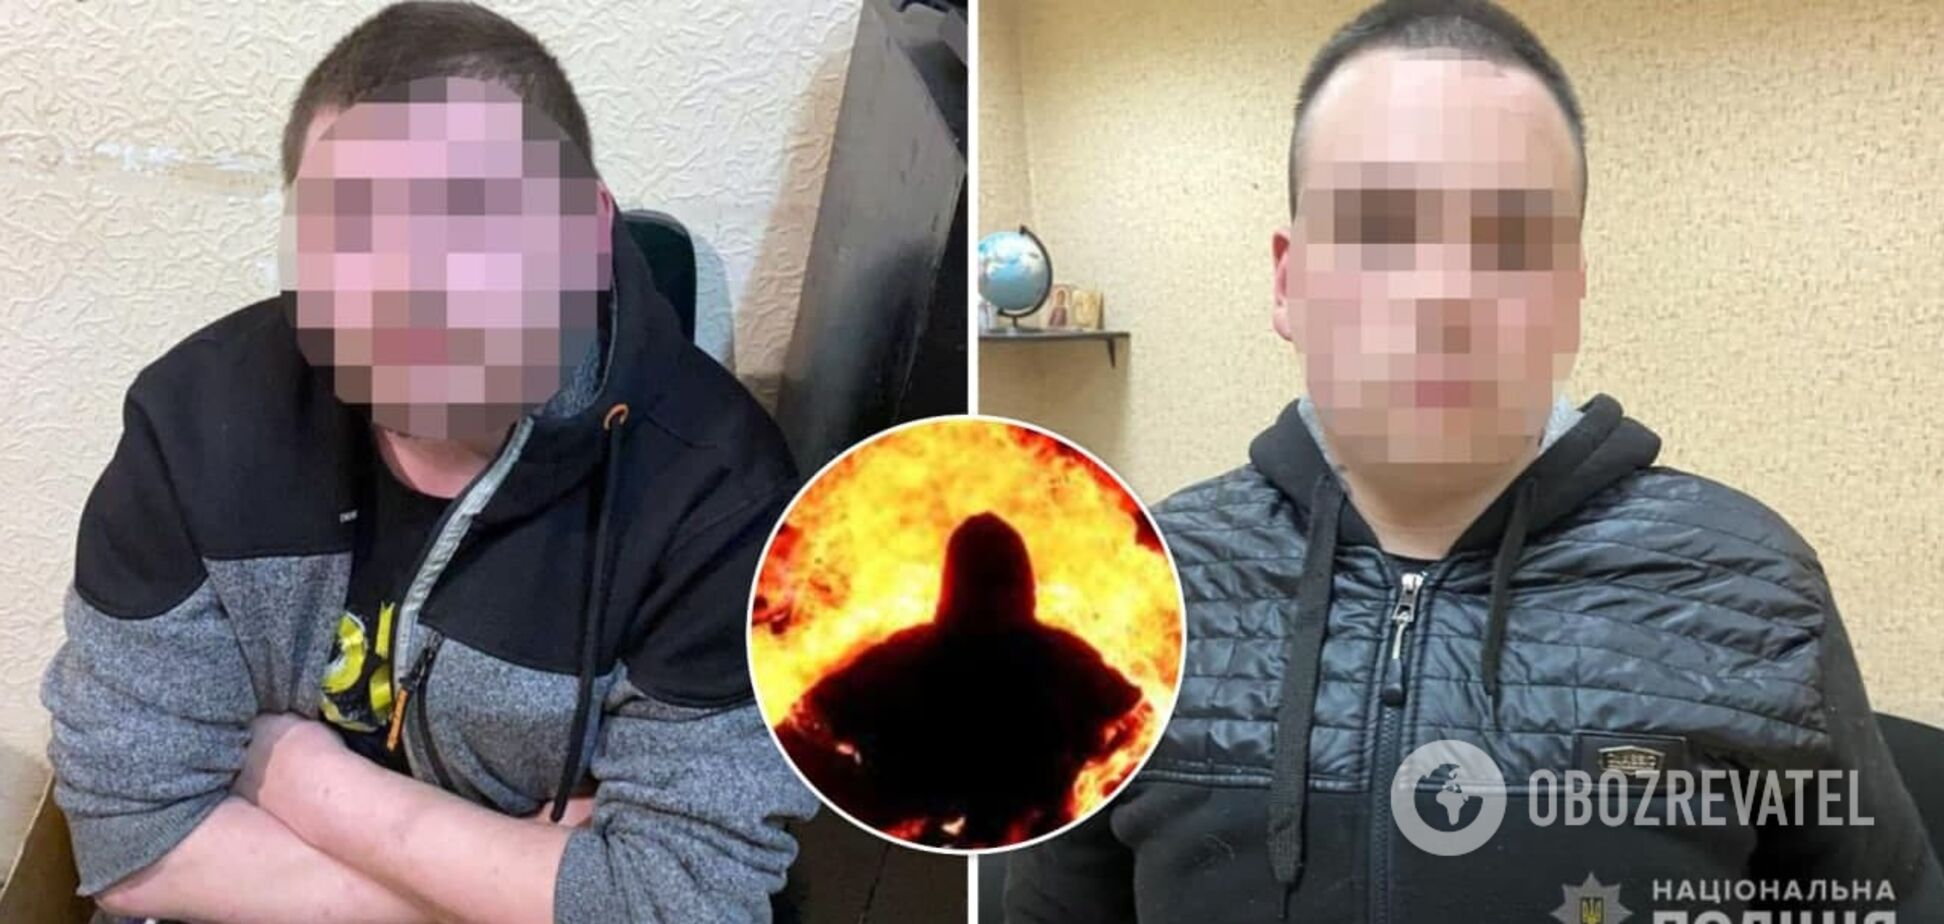 Страшна помста: у Києві заживо спалили безхатченка нібито через дитину. Фото, відео